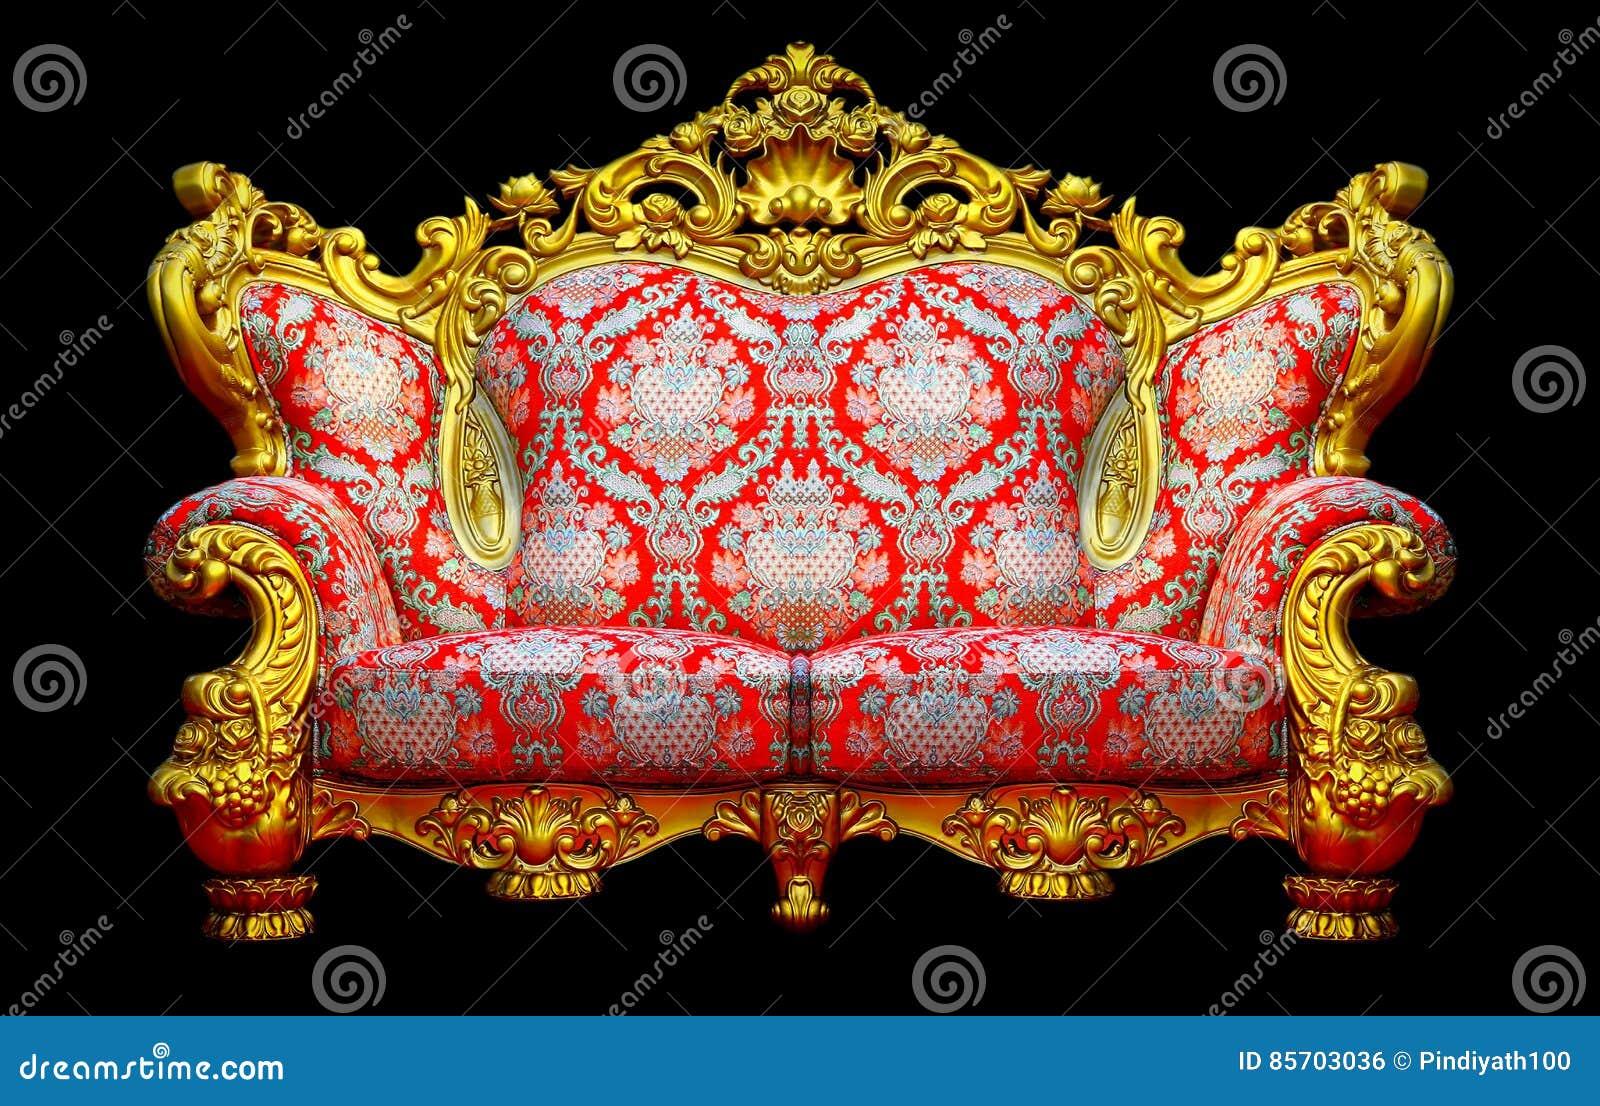 Барочная софа с золотой рамкой